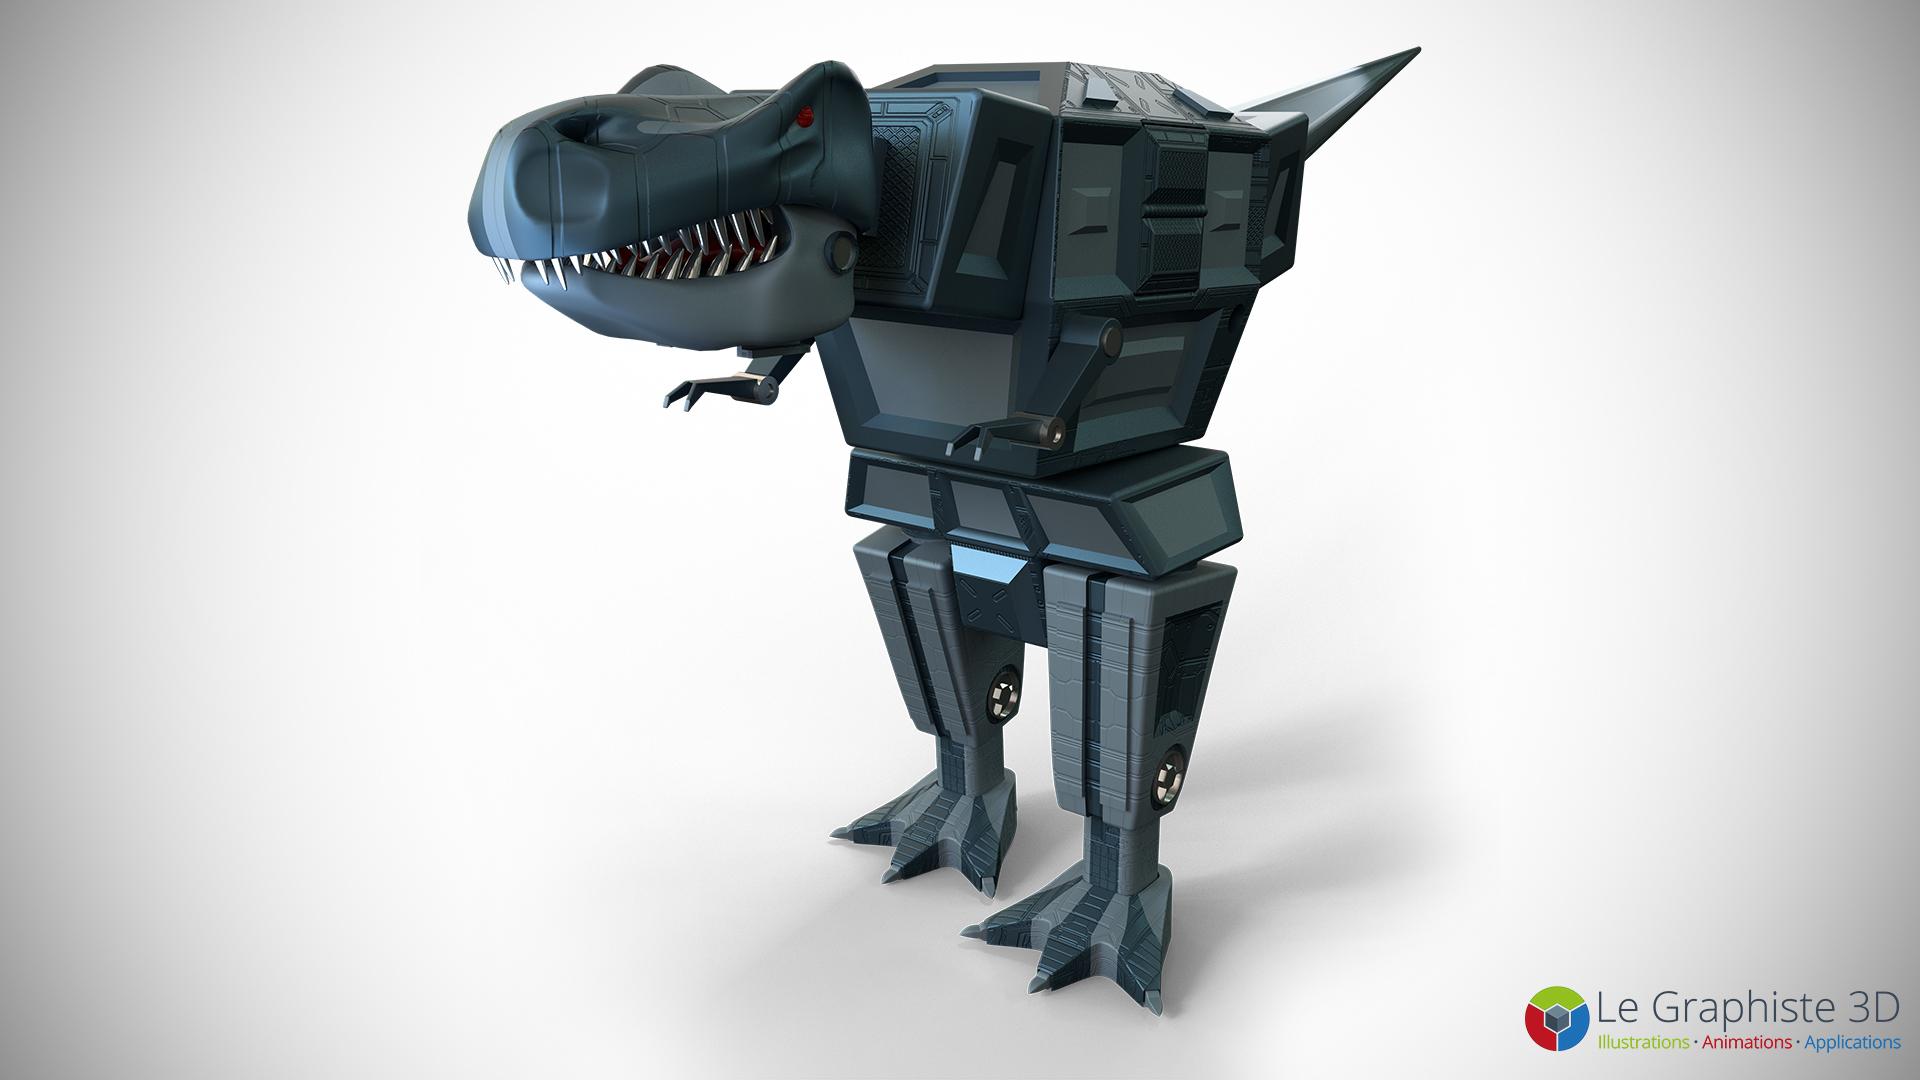 Le Graphiste 3D - Tyrannosaure : Tête, buste et armes du robot Mégasaure